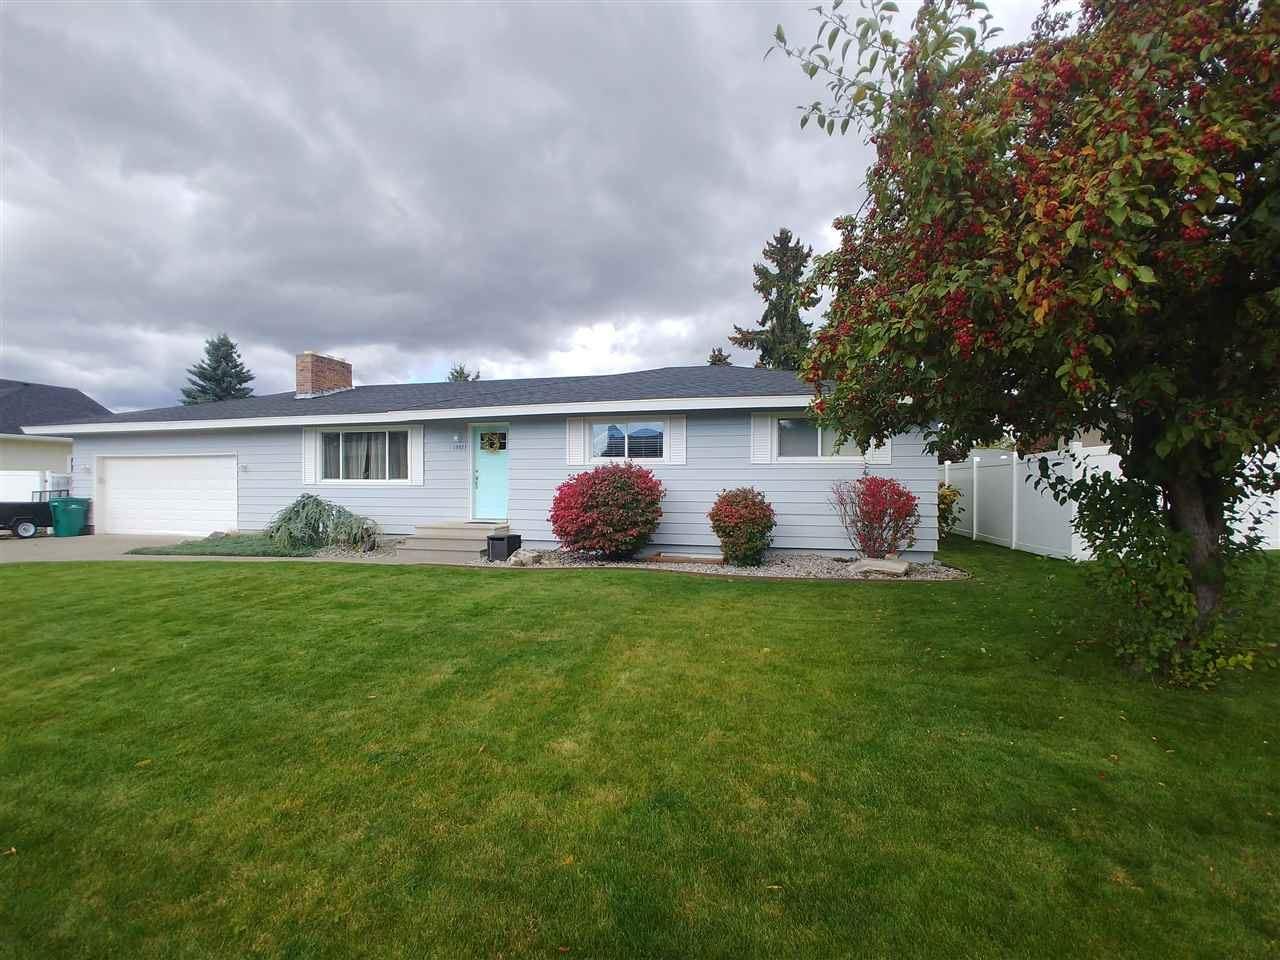 13923 E NIXON Ave, Spokane, WA 99213-2620 - #: 202023524